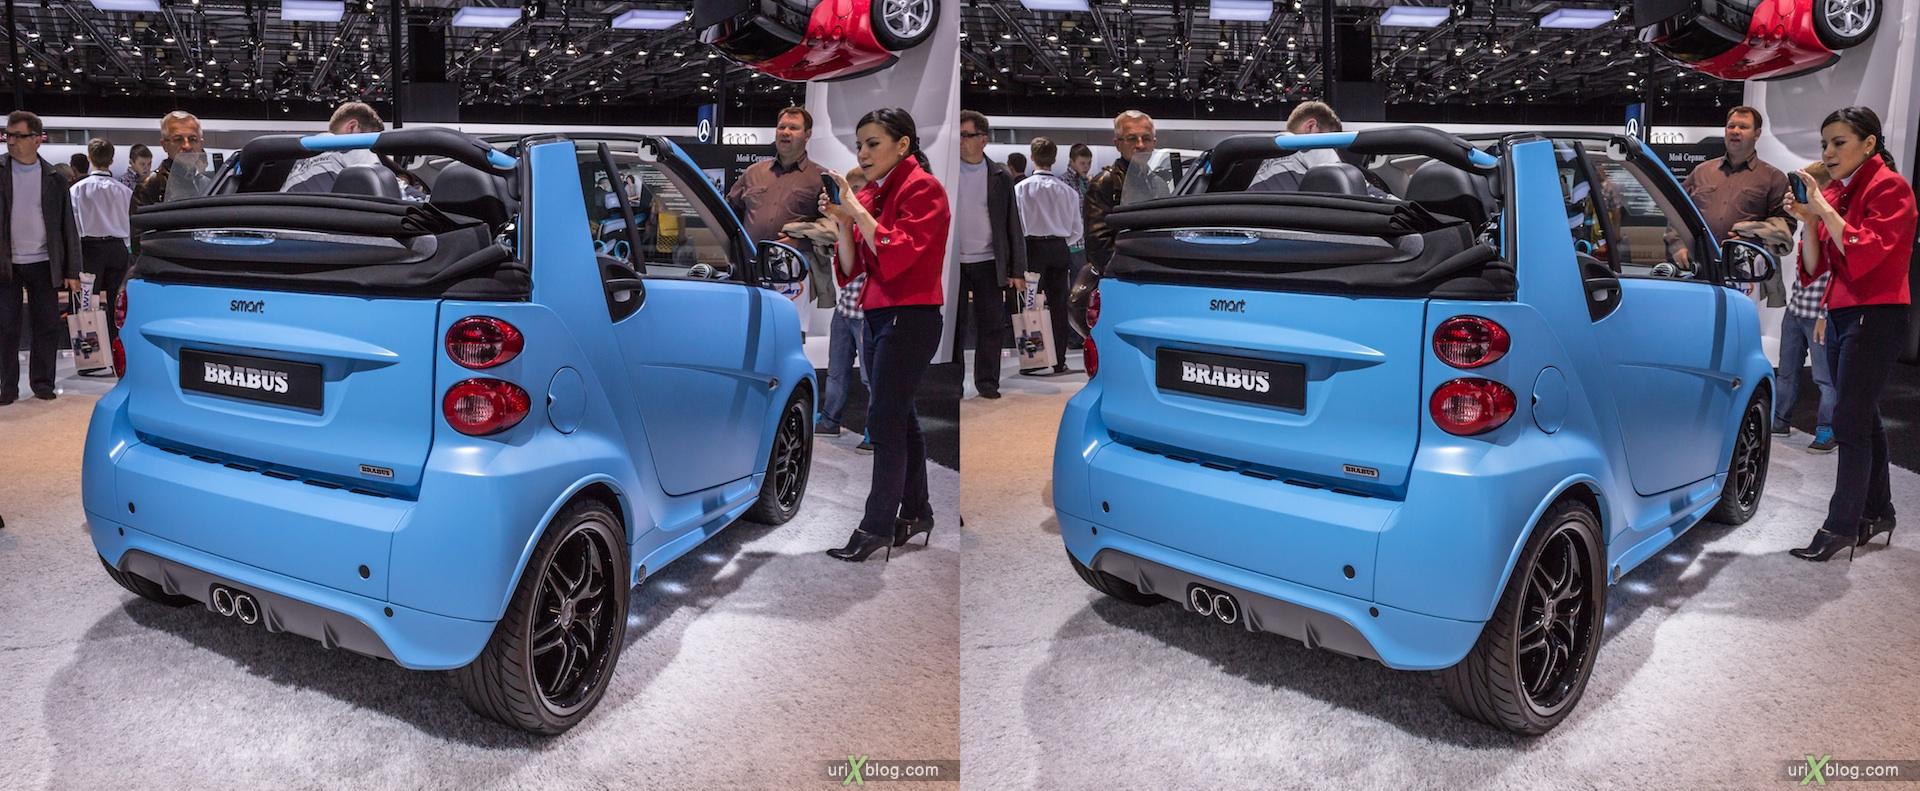 2012, Smart Brabus, Московский международный автомобильный салон, ММАС, Крокус Экспо, 3D, стереопара